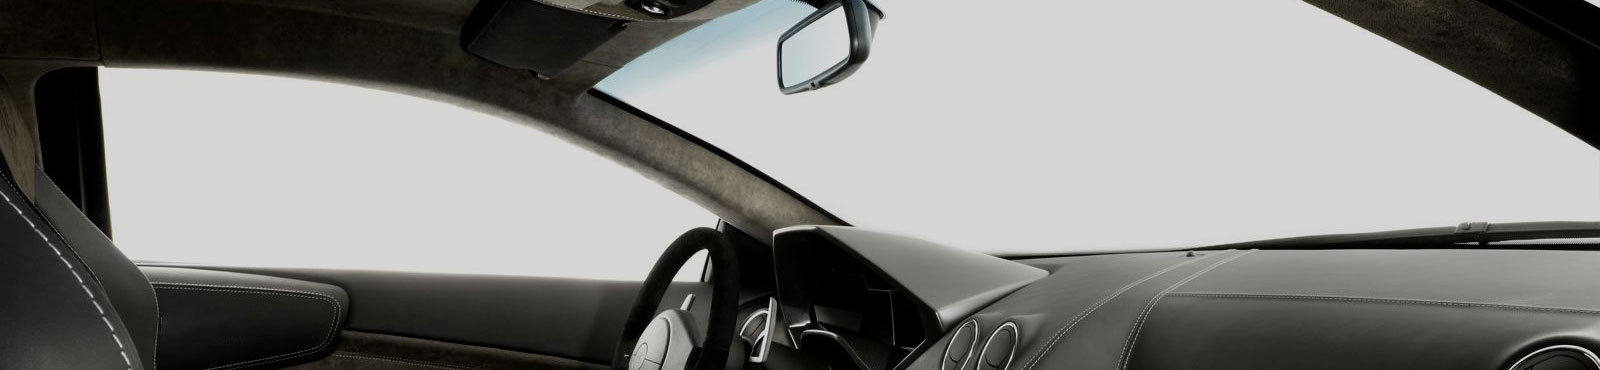 windshield-header